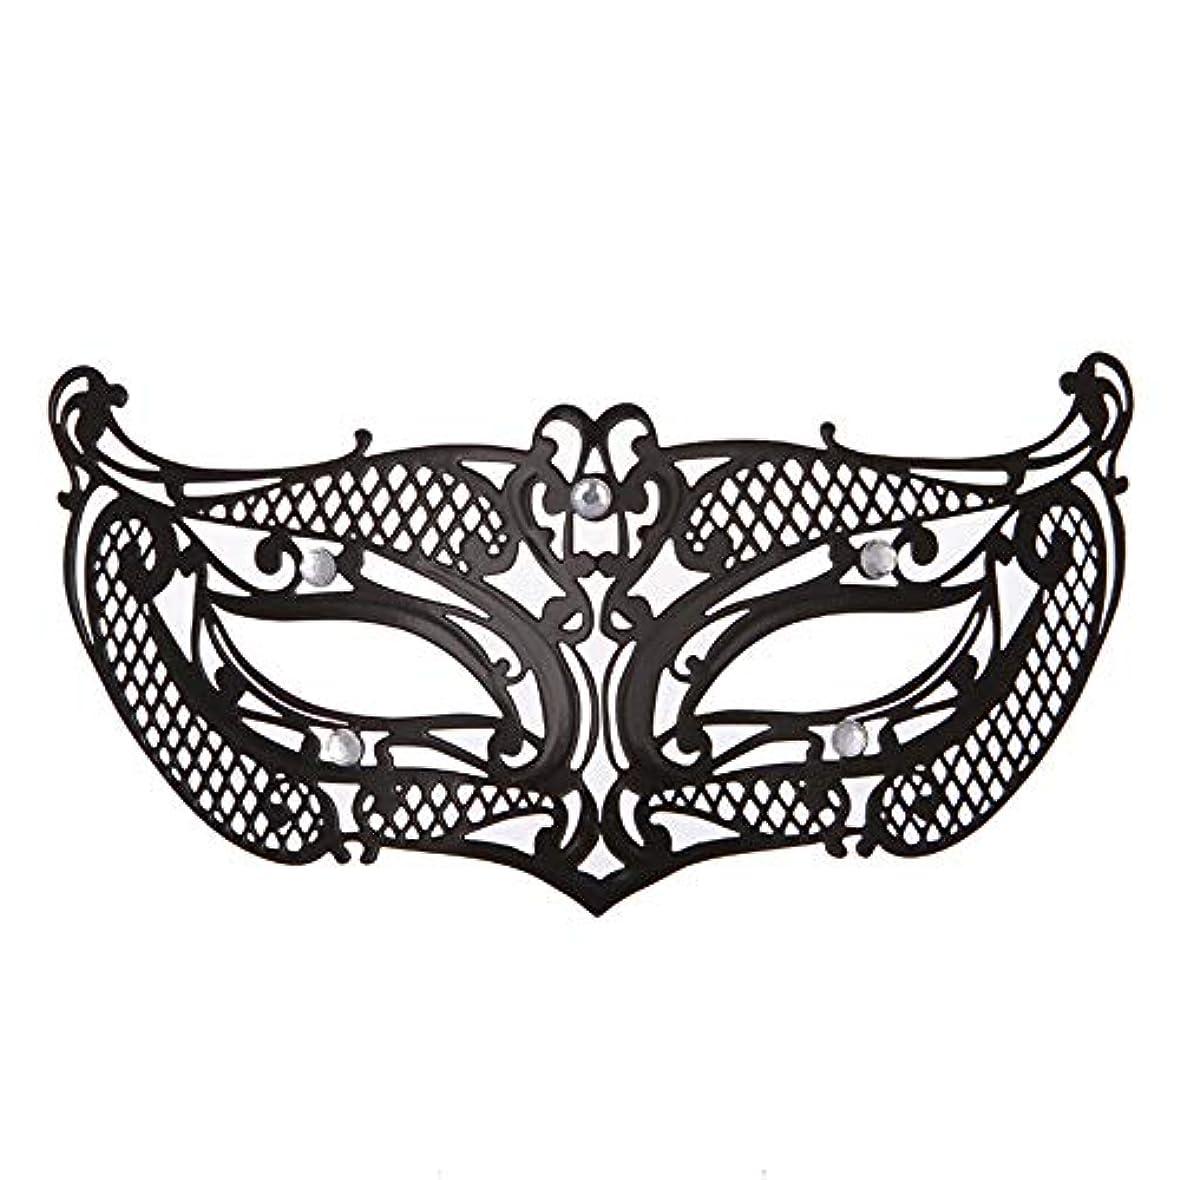 ジャニスメダリストブラザーダンスマスク アイアンメタリックレースとダイヤモンドハーフマスクハロウィンダンスマスクナイトクラブボールマスクコスプレパーティーハロウィンマスク ホリデーパーティー用品 (色 : ブラック, サイズ : 19x8cm)